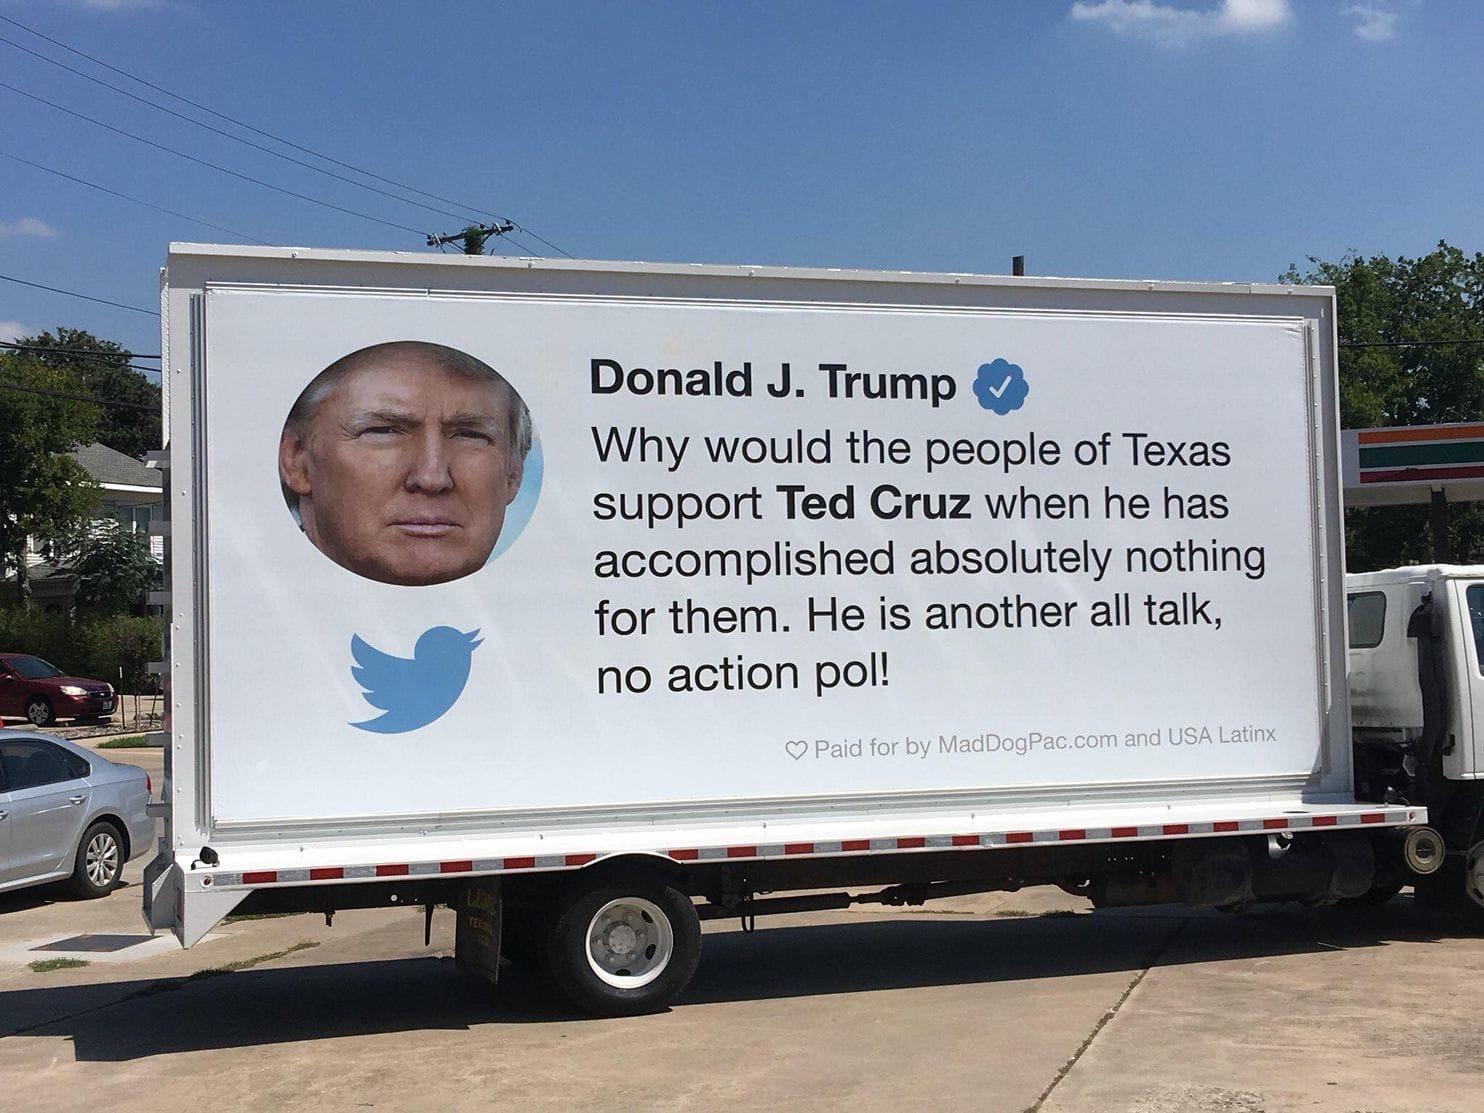 TrumpCruzBillboard.jpg